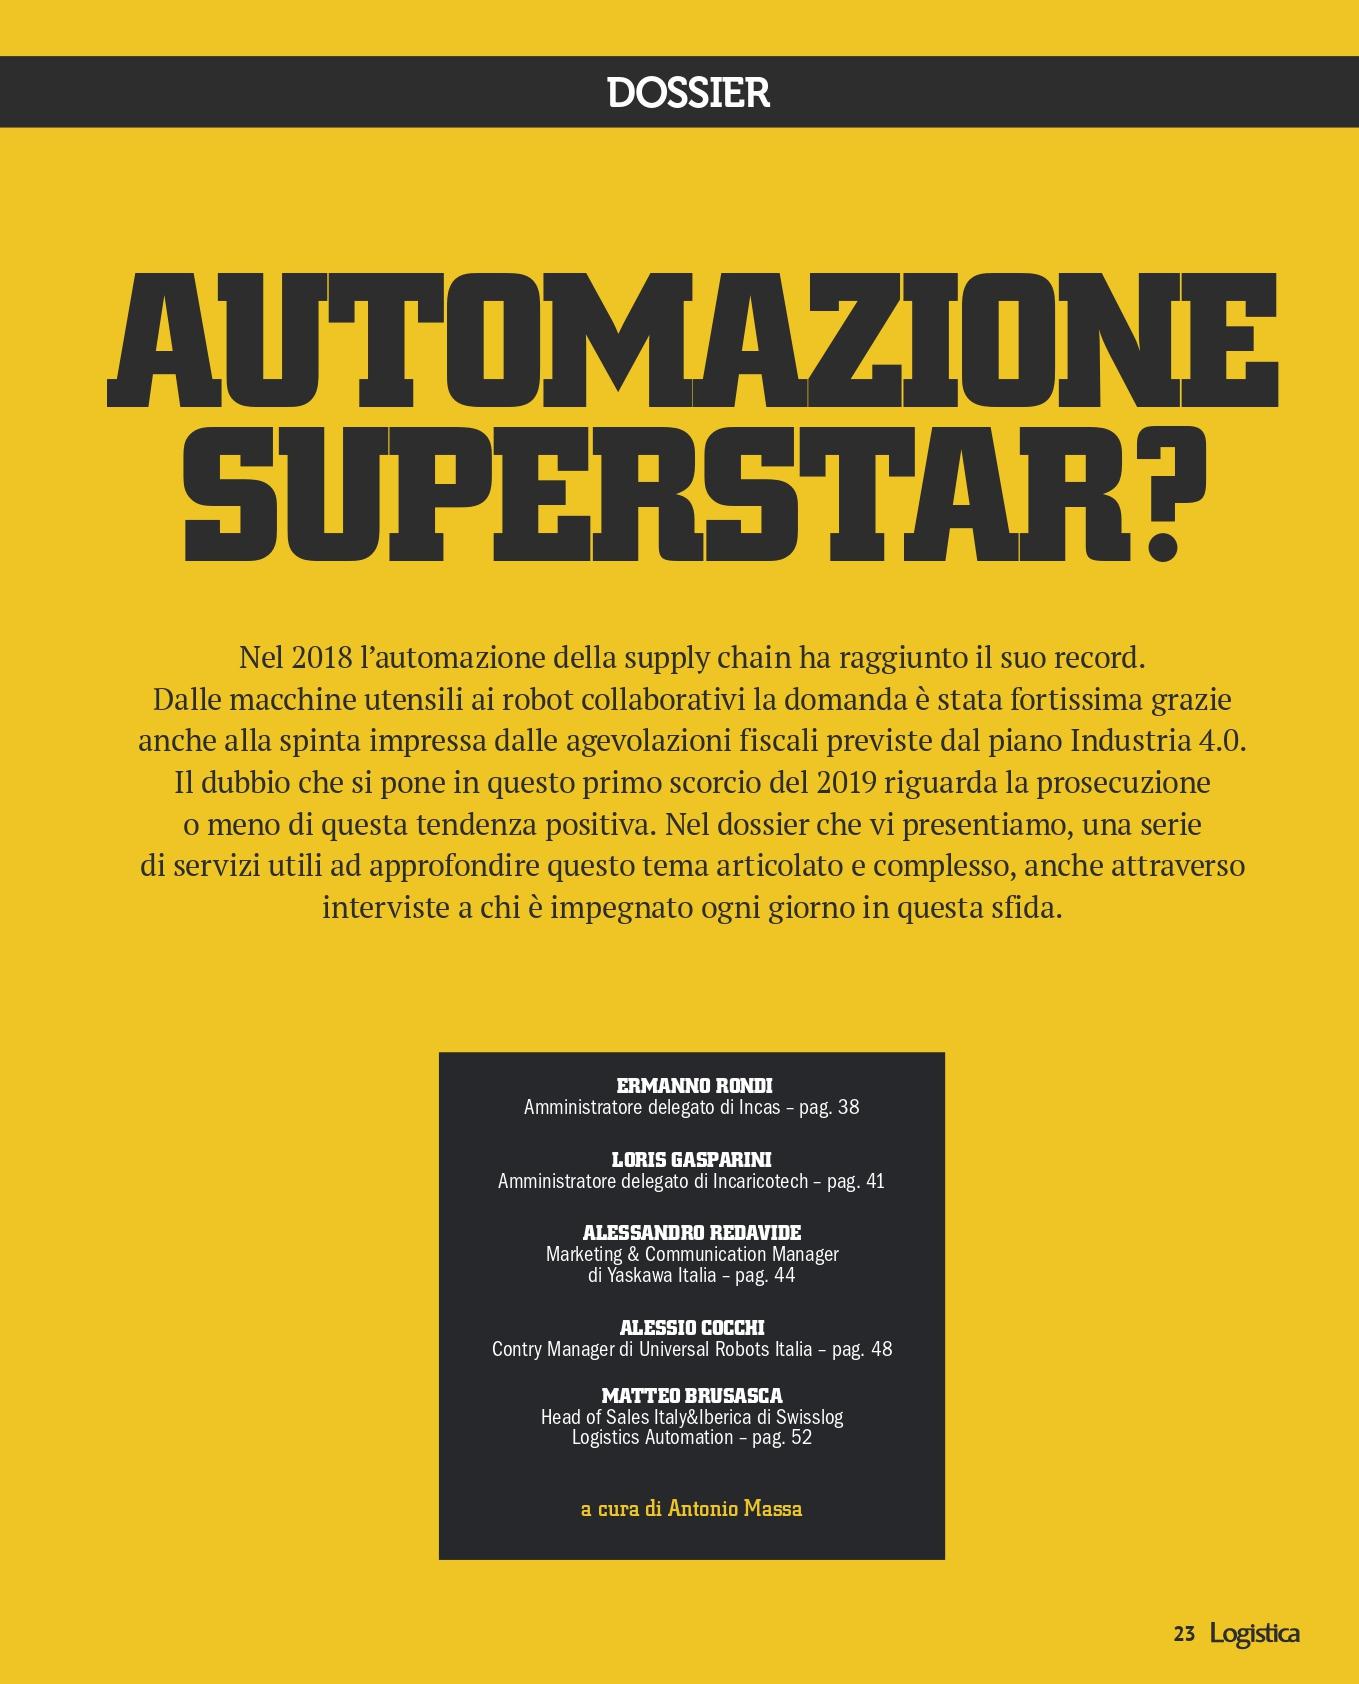 Dossier Automazione superstar?